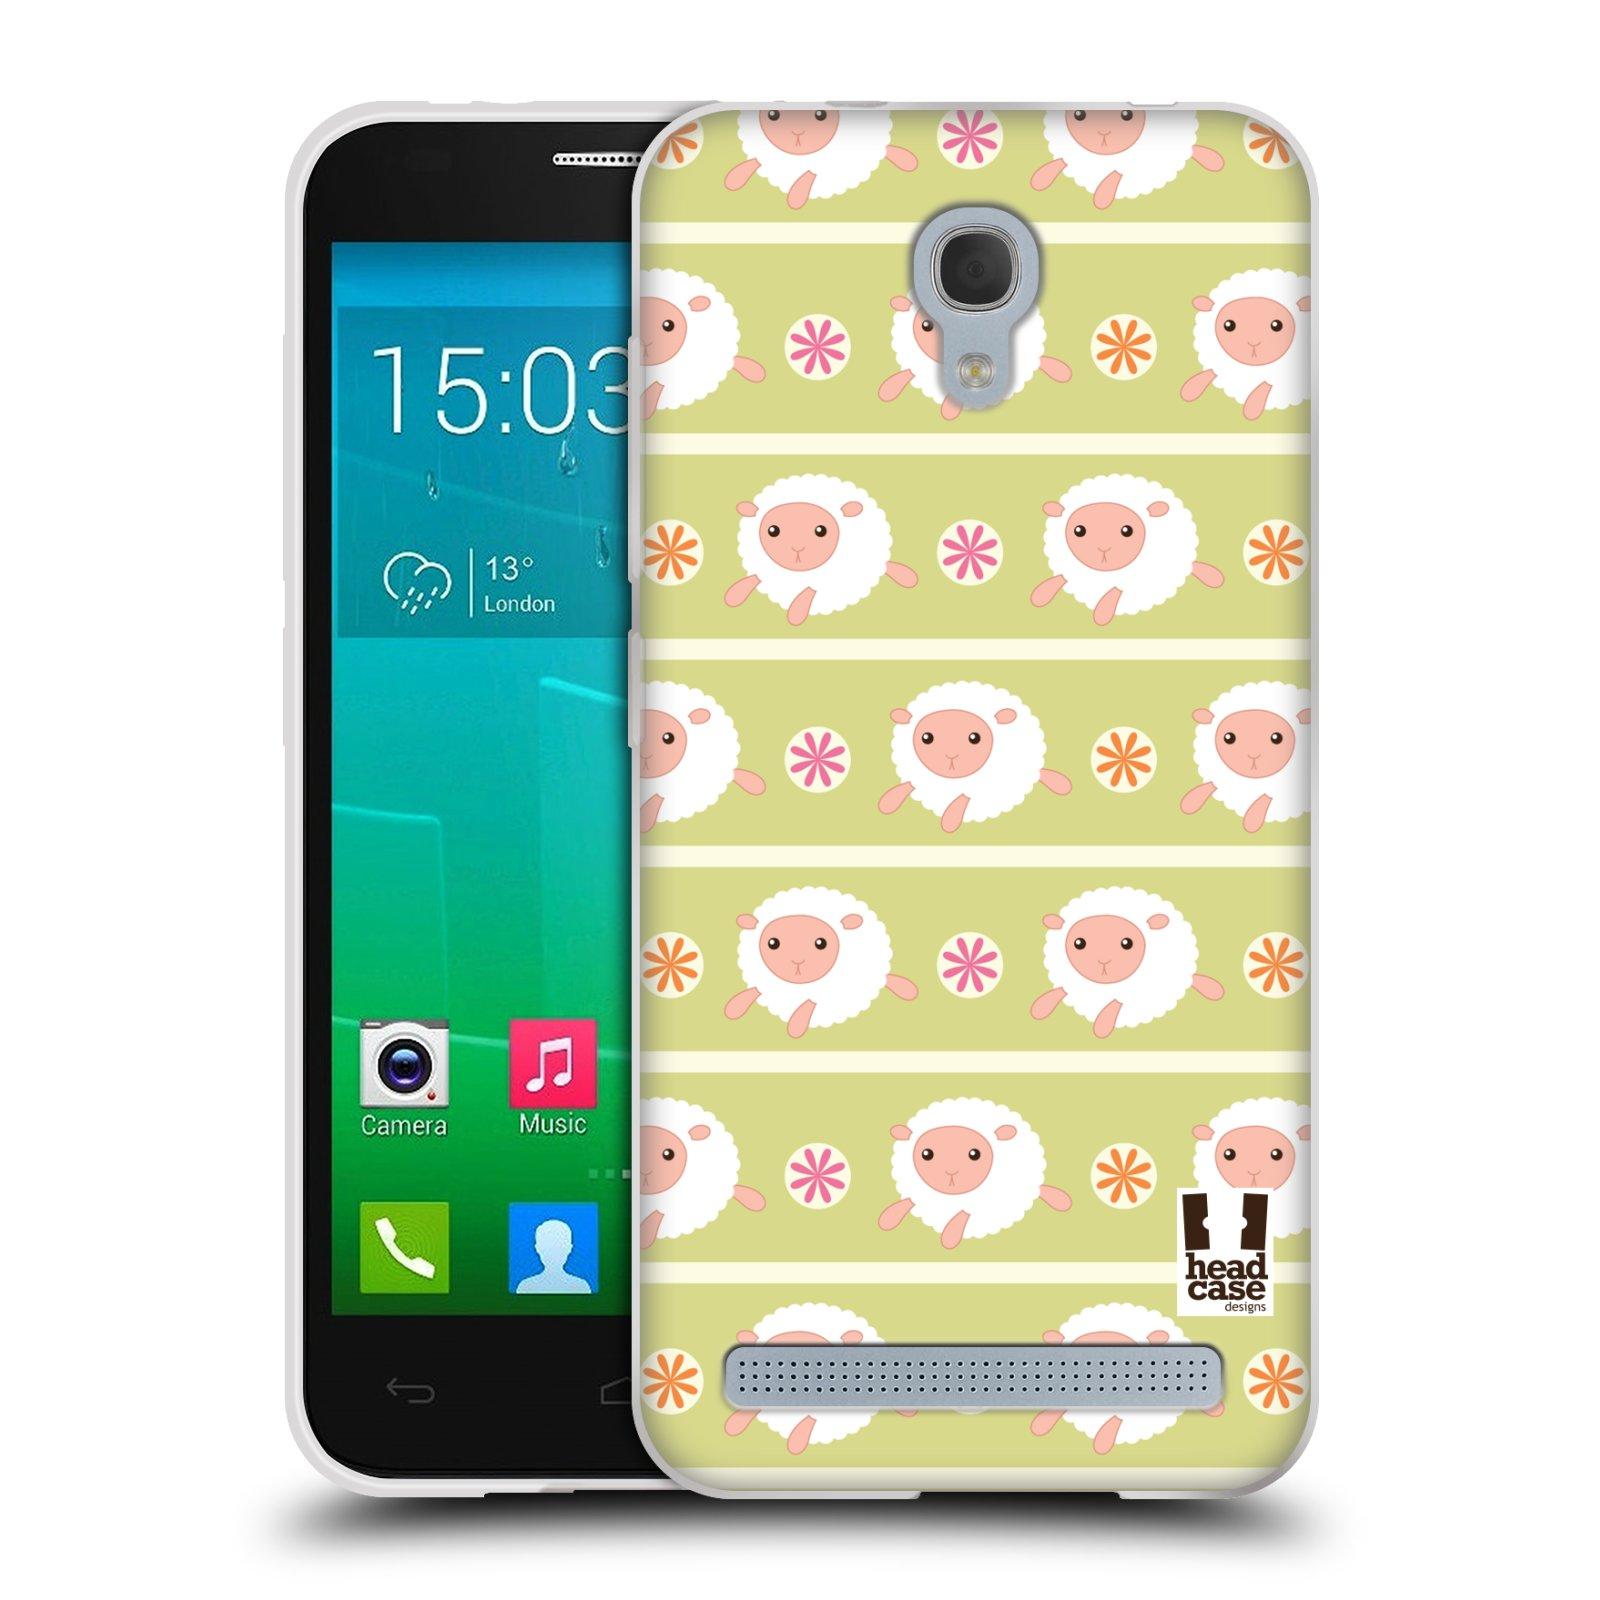 HEAD CASE silikonový obal na mobil Alcatel Idol 2 MINI S 6036Y vzor roztomilé zvířecí vzory ovečky